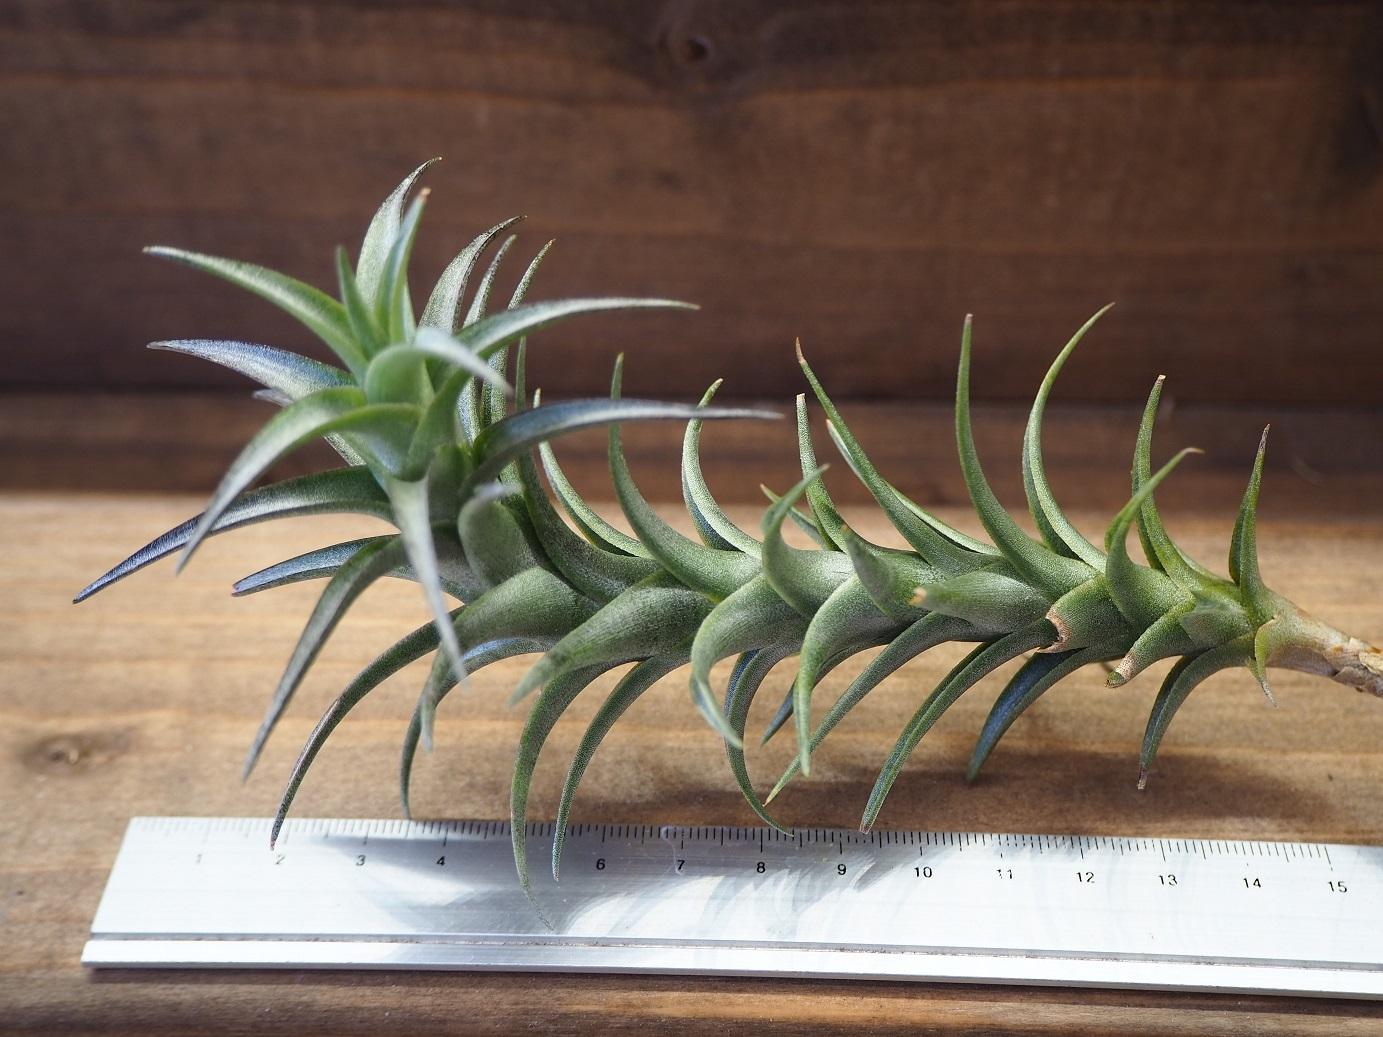 チランジア / ラティフォリア エナノレッド (T.latifolia 'Enano REd')